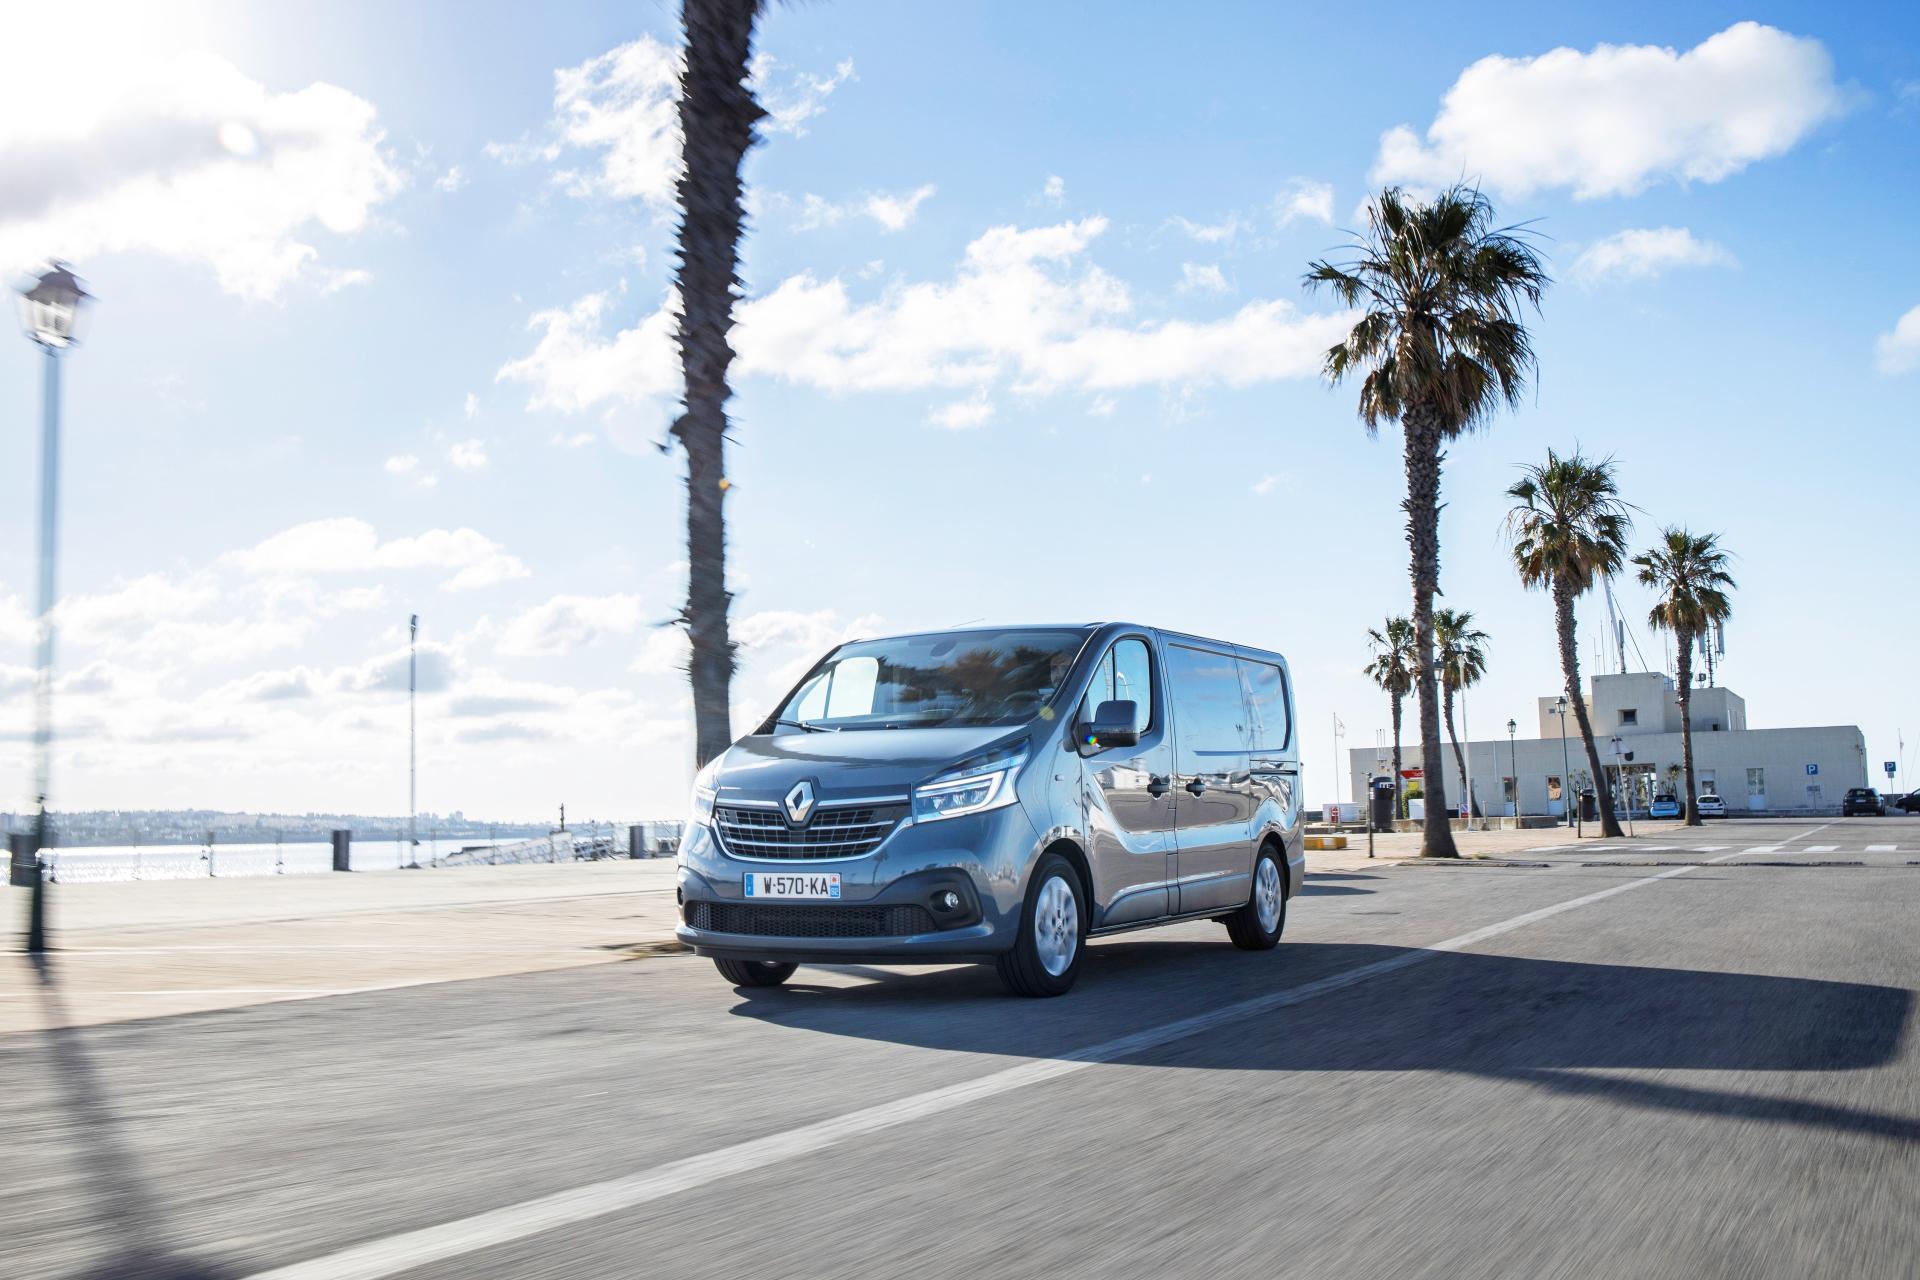 Version Automatique L'argus Trafic En » Le Renault « 0wOPkn